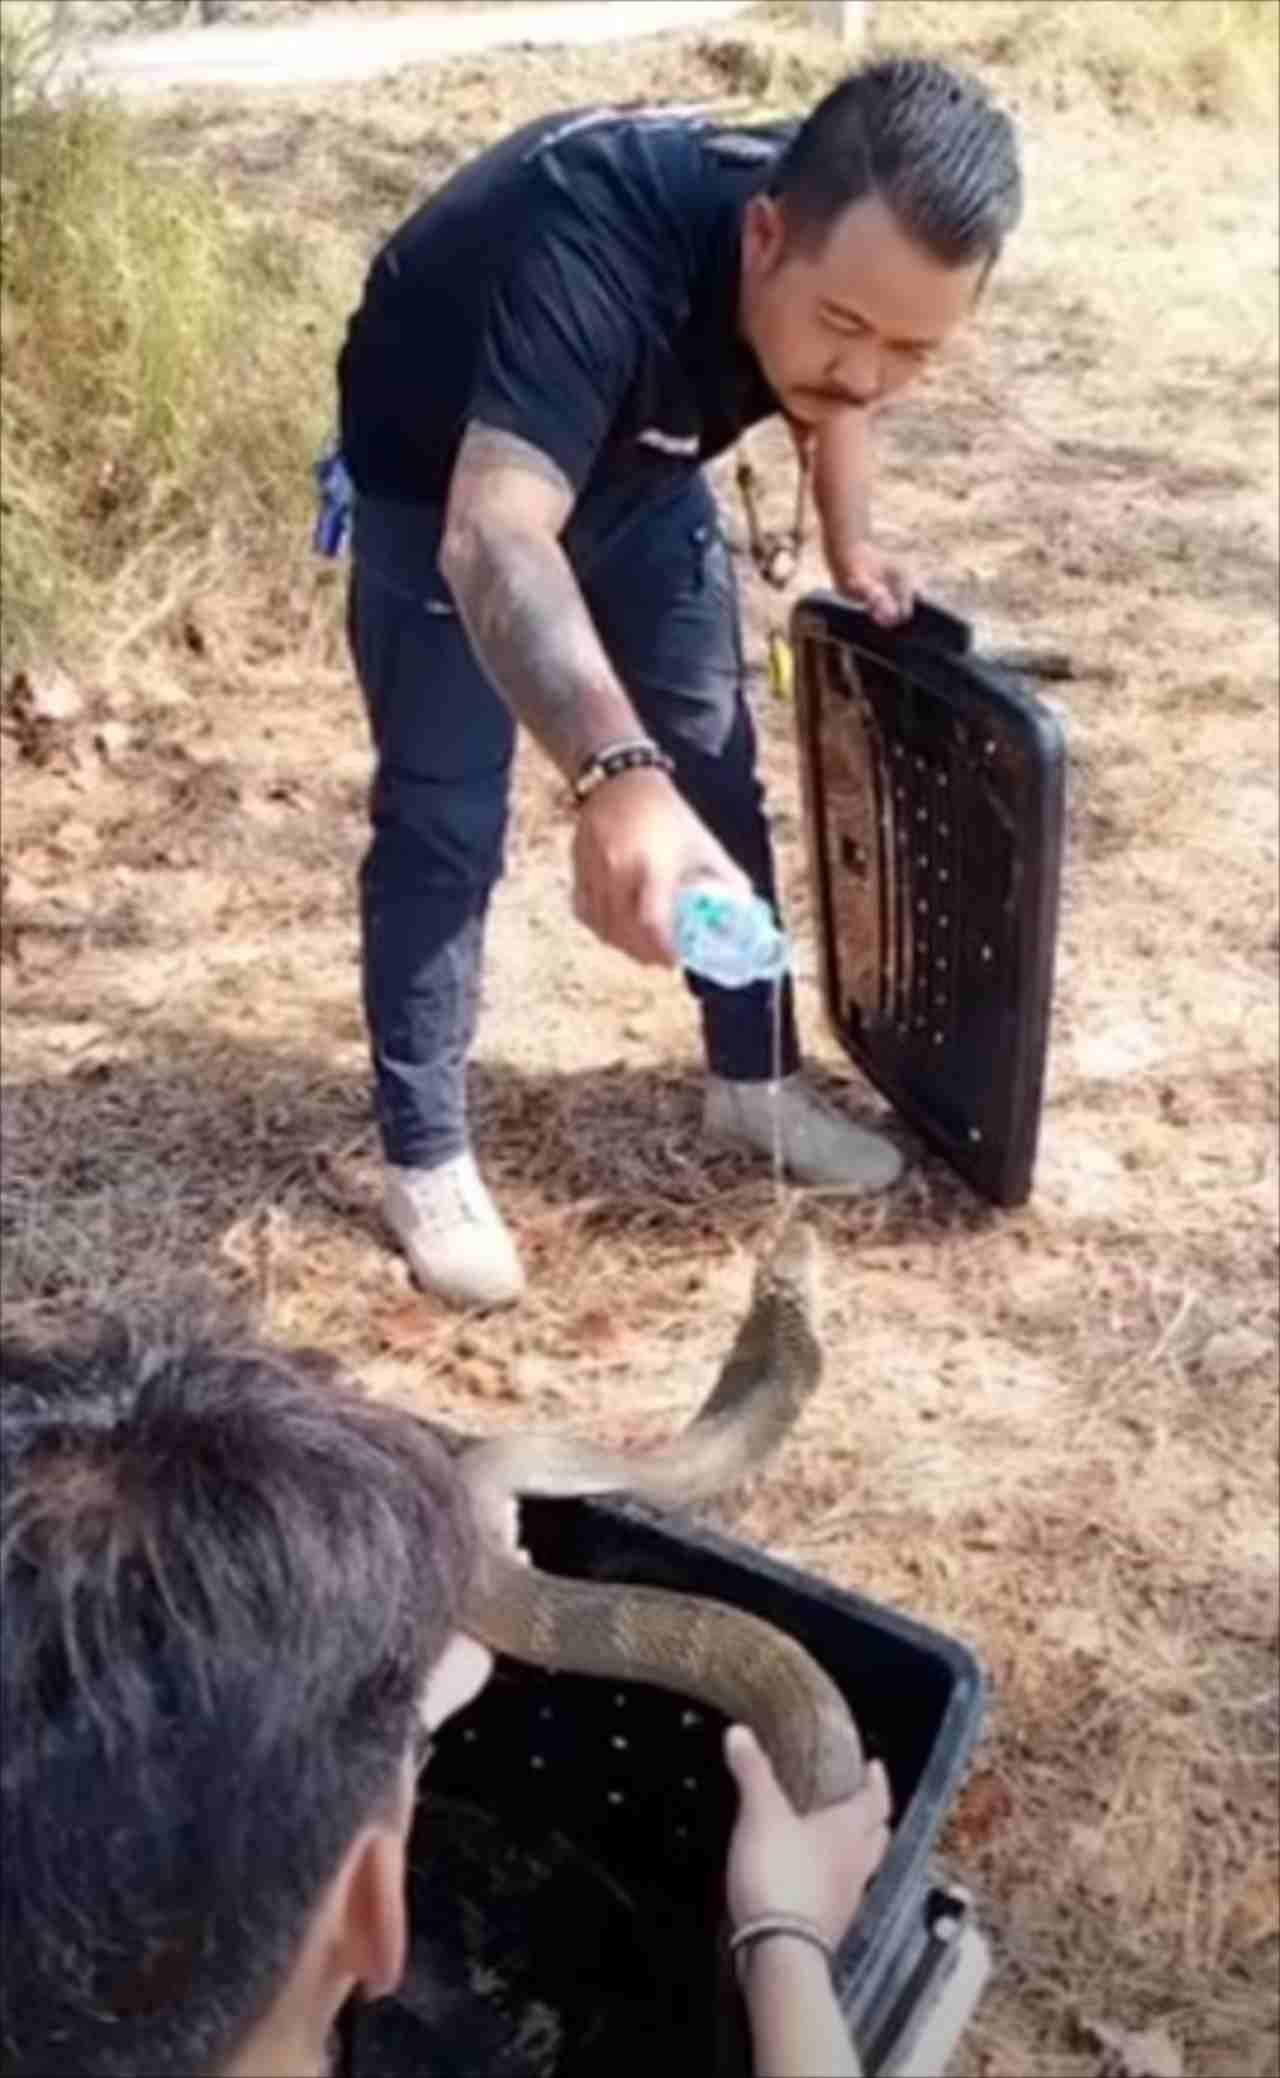 【やさしい世界】住宅街で捕獲されたキングコブラ。野生に戻す前の救助隊の行動に感動